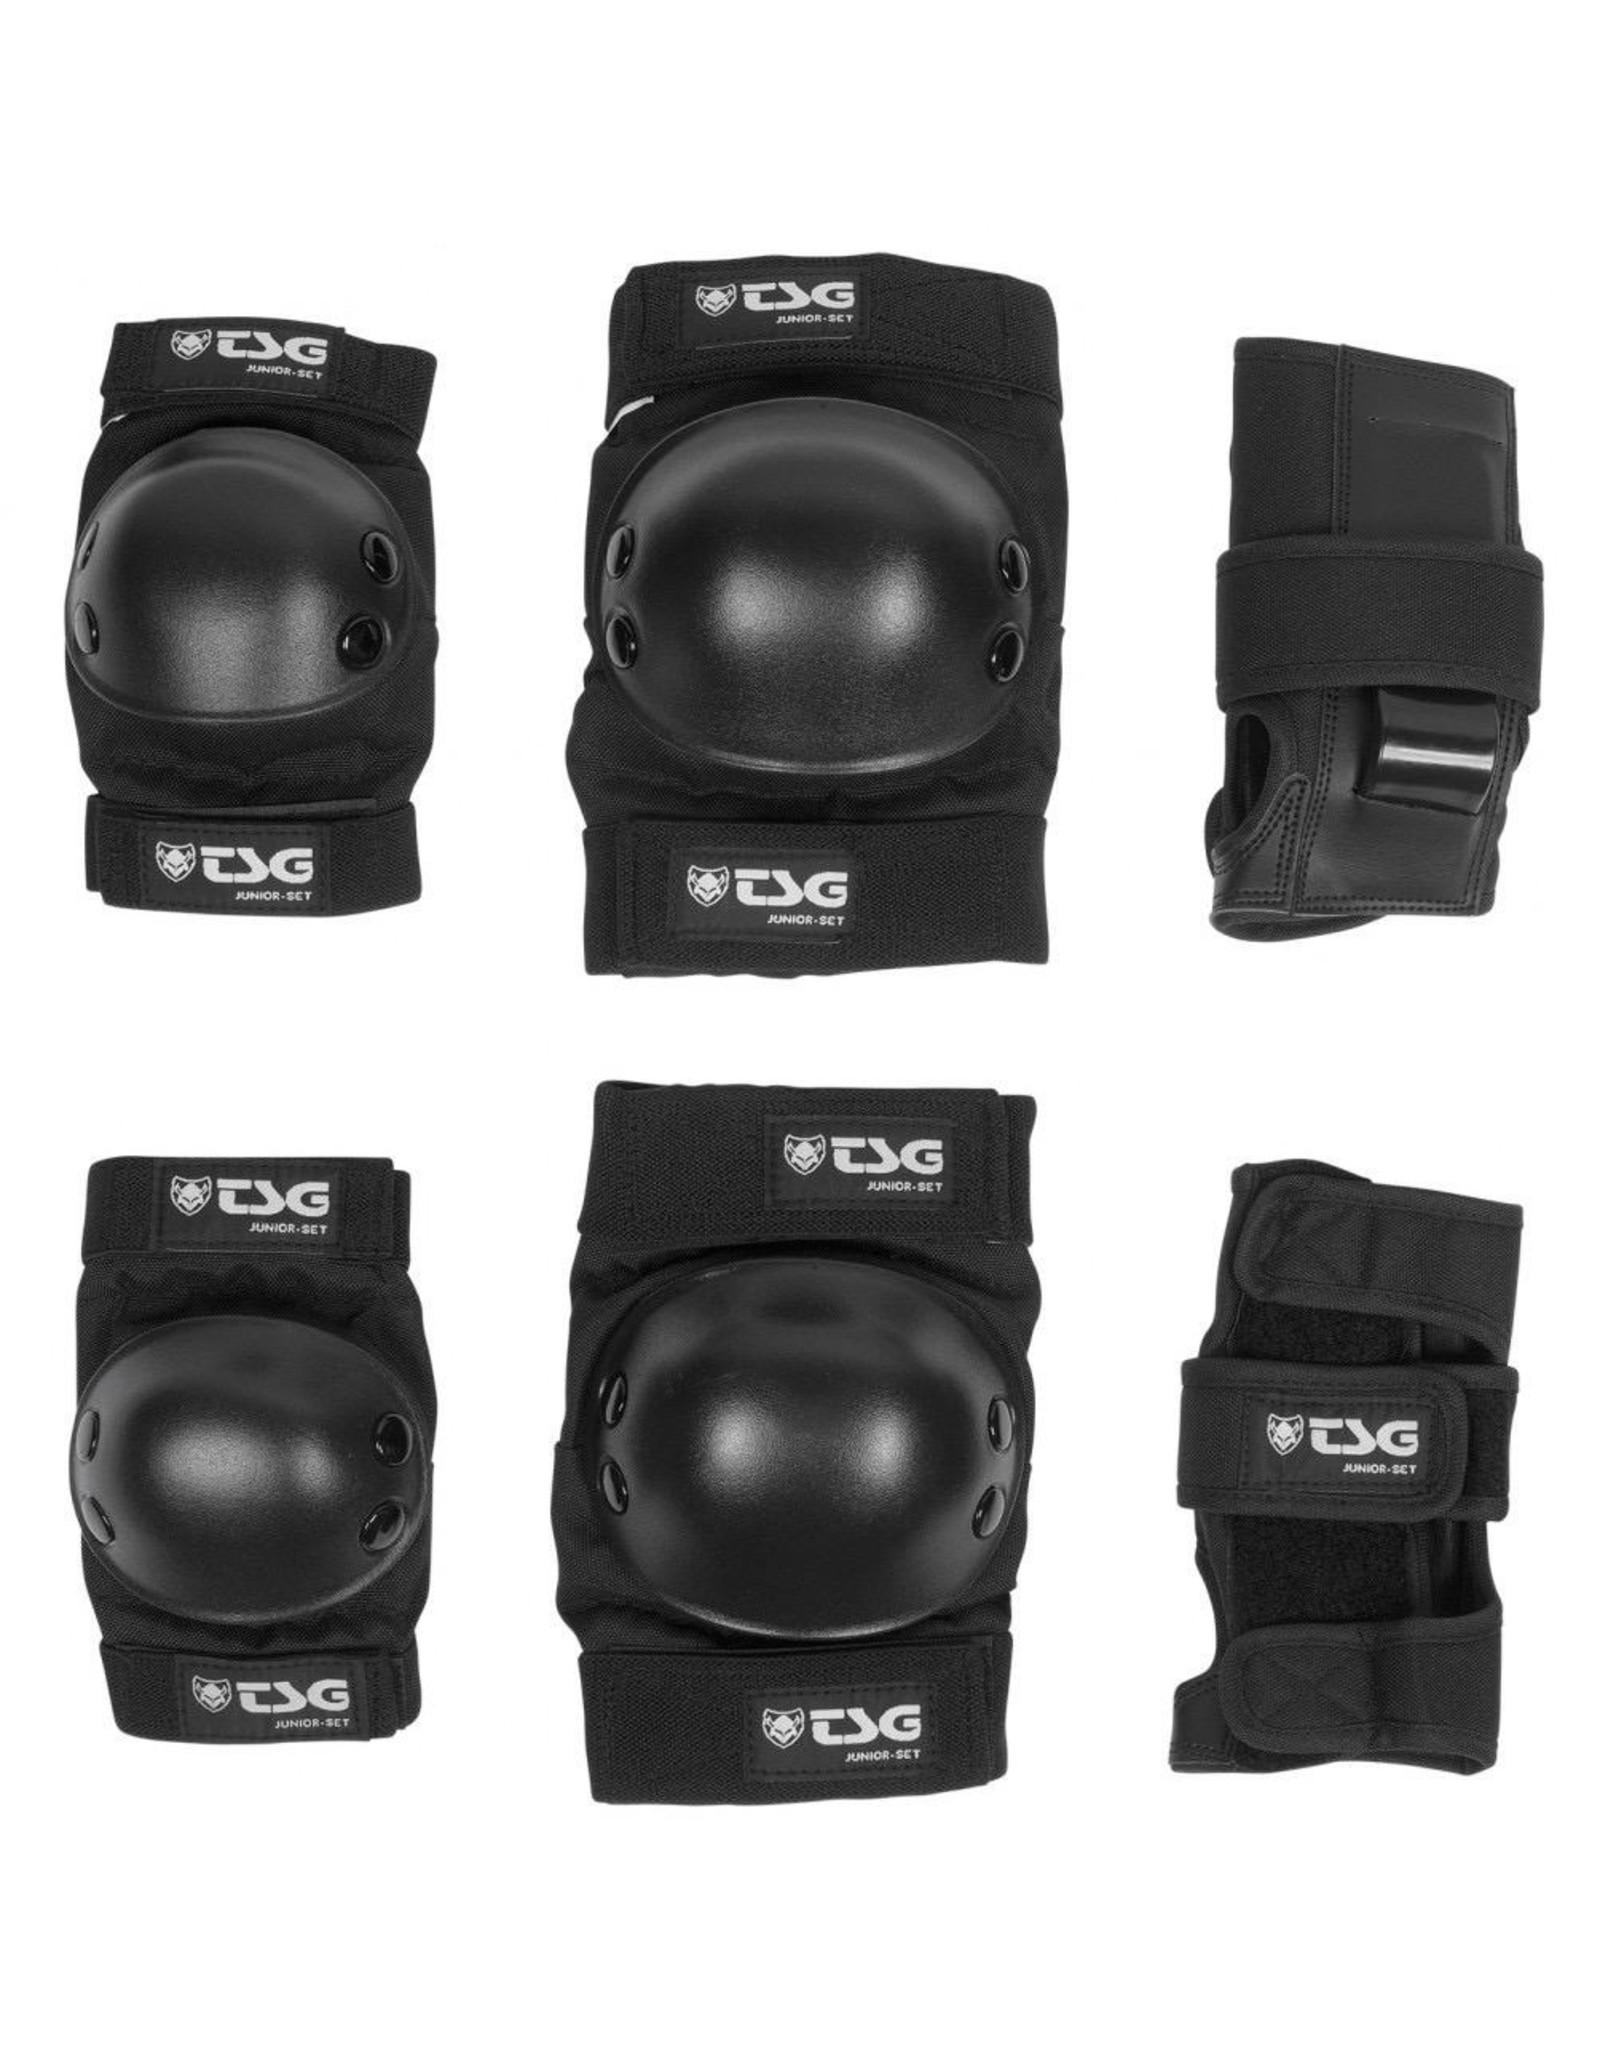 TSG TSG - Pads Junior Set - One Size